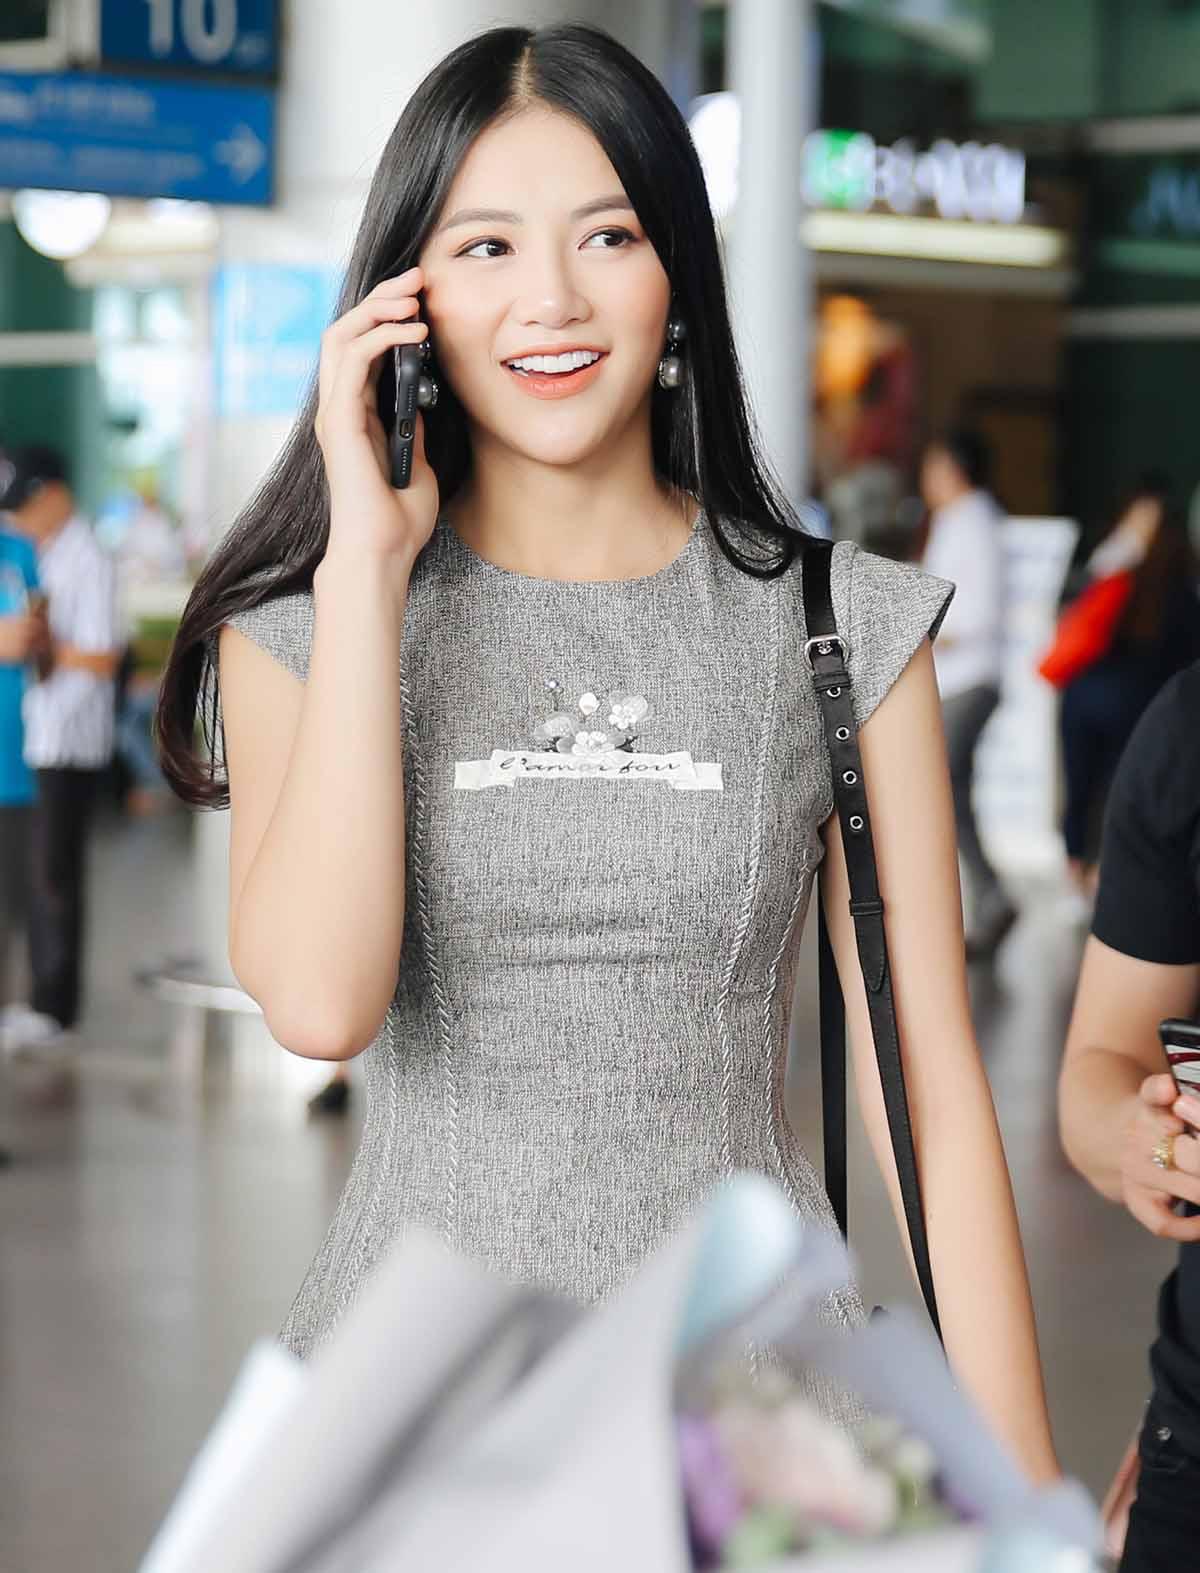 Hoa hậu Phương Khánh ra Tân Sơn Nhất đón 2 người đẹp tiền nhiệm - 1